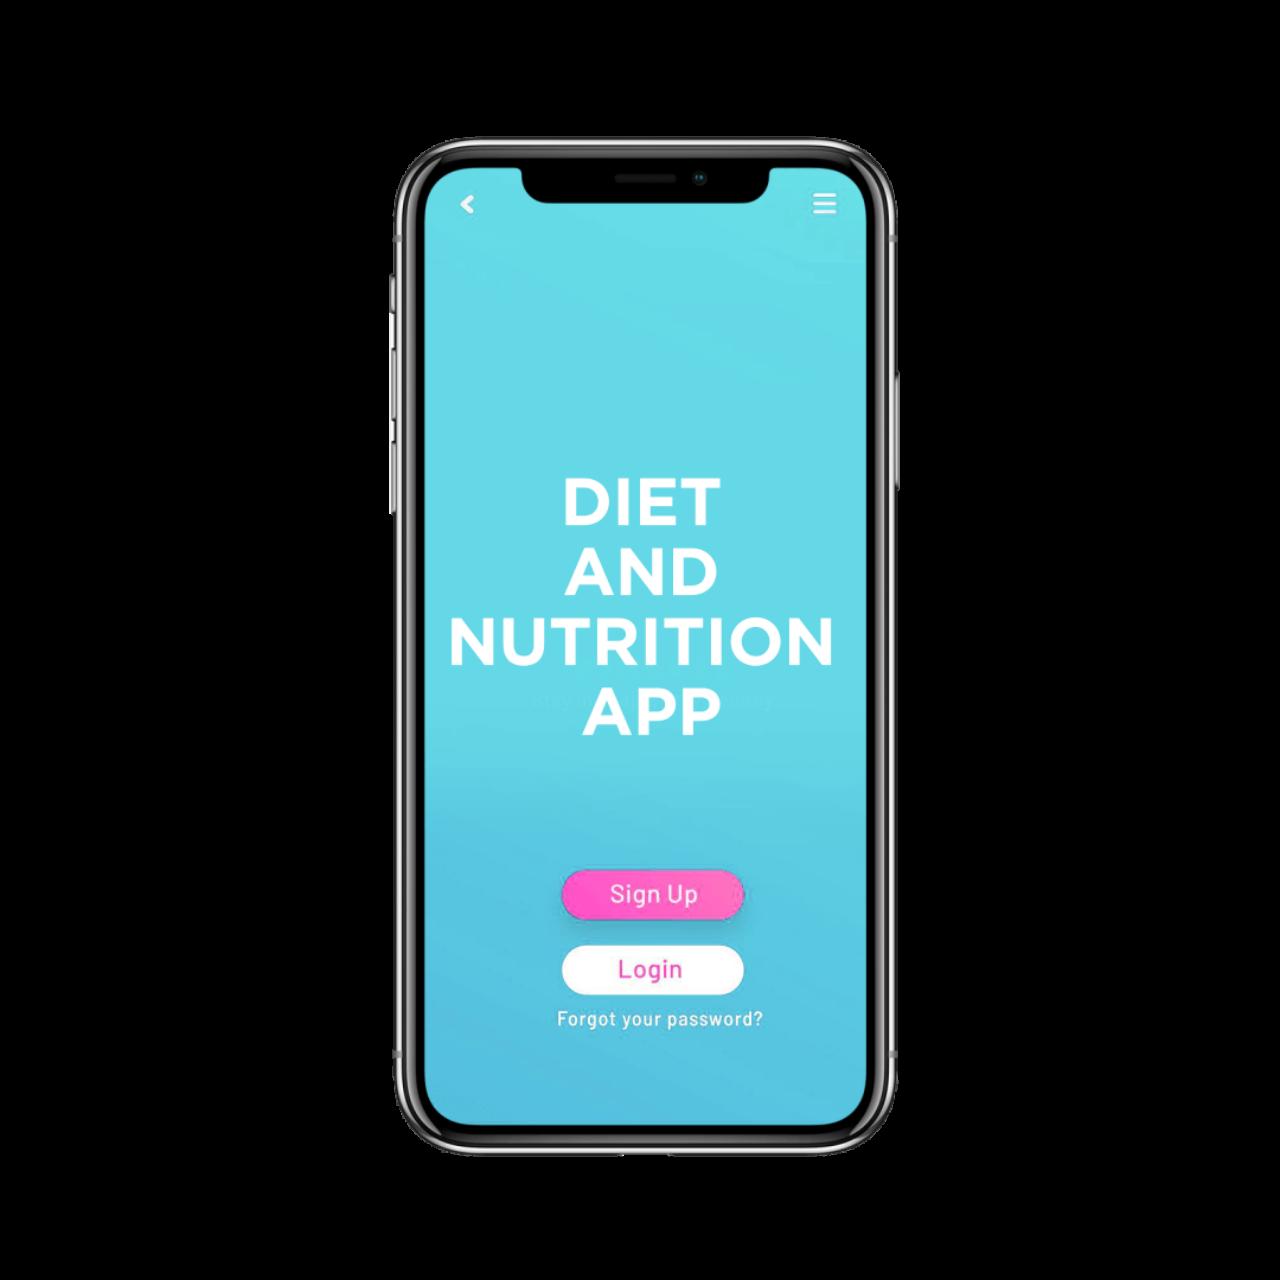 Diet and nutrition app development - login